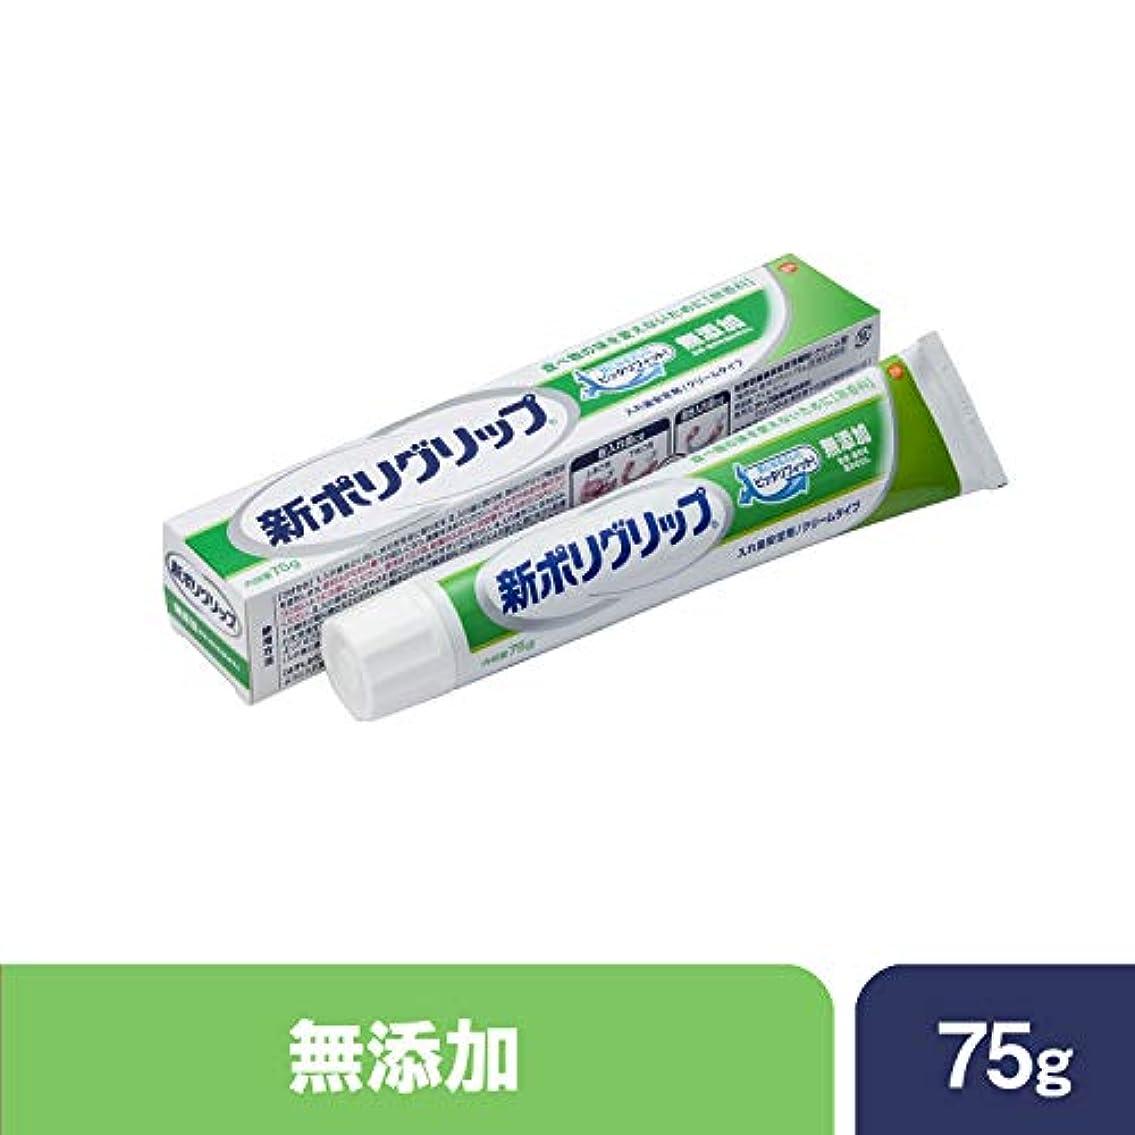 独立してヘビ遠え部分?総入れ歯安定剤 新ポリグリップ 無添加(色素?香料を含みません) 75g